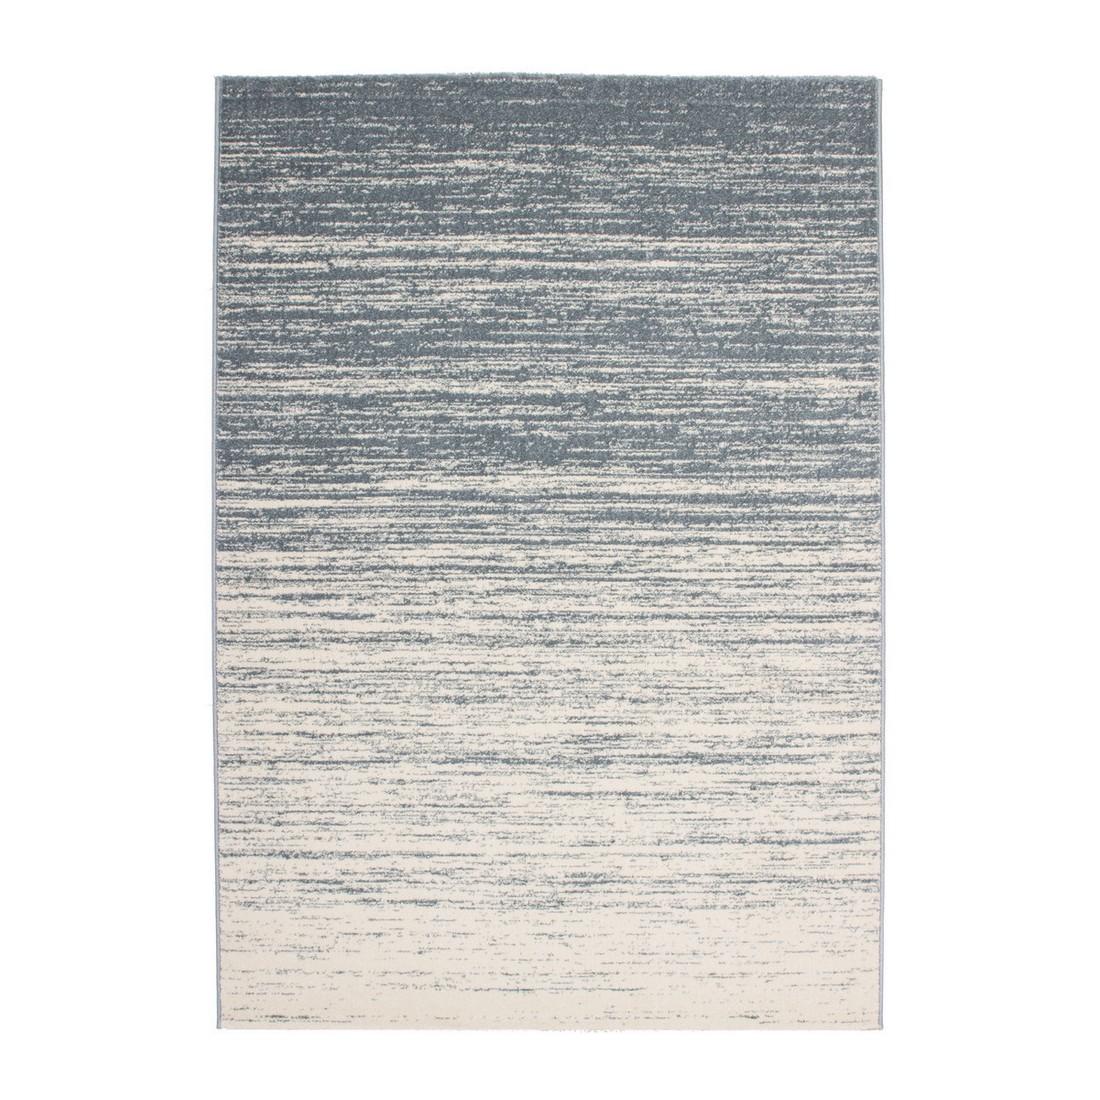 Teppich Milano 420 – Blau – Maße: 120 x 170 cm, Kayoom online kaufen